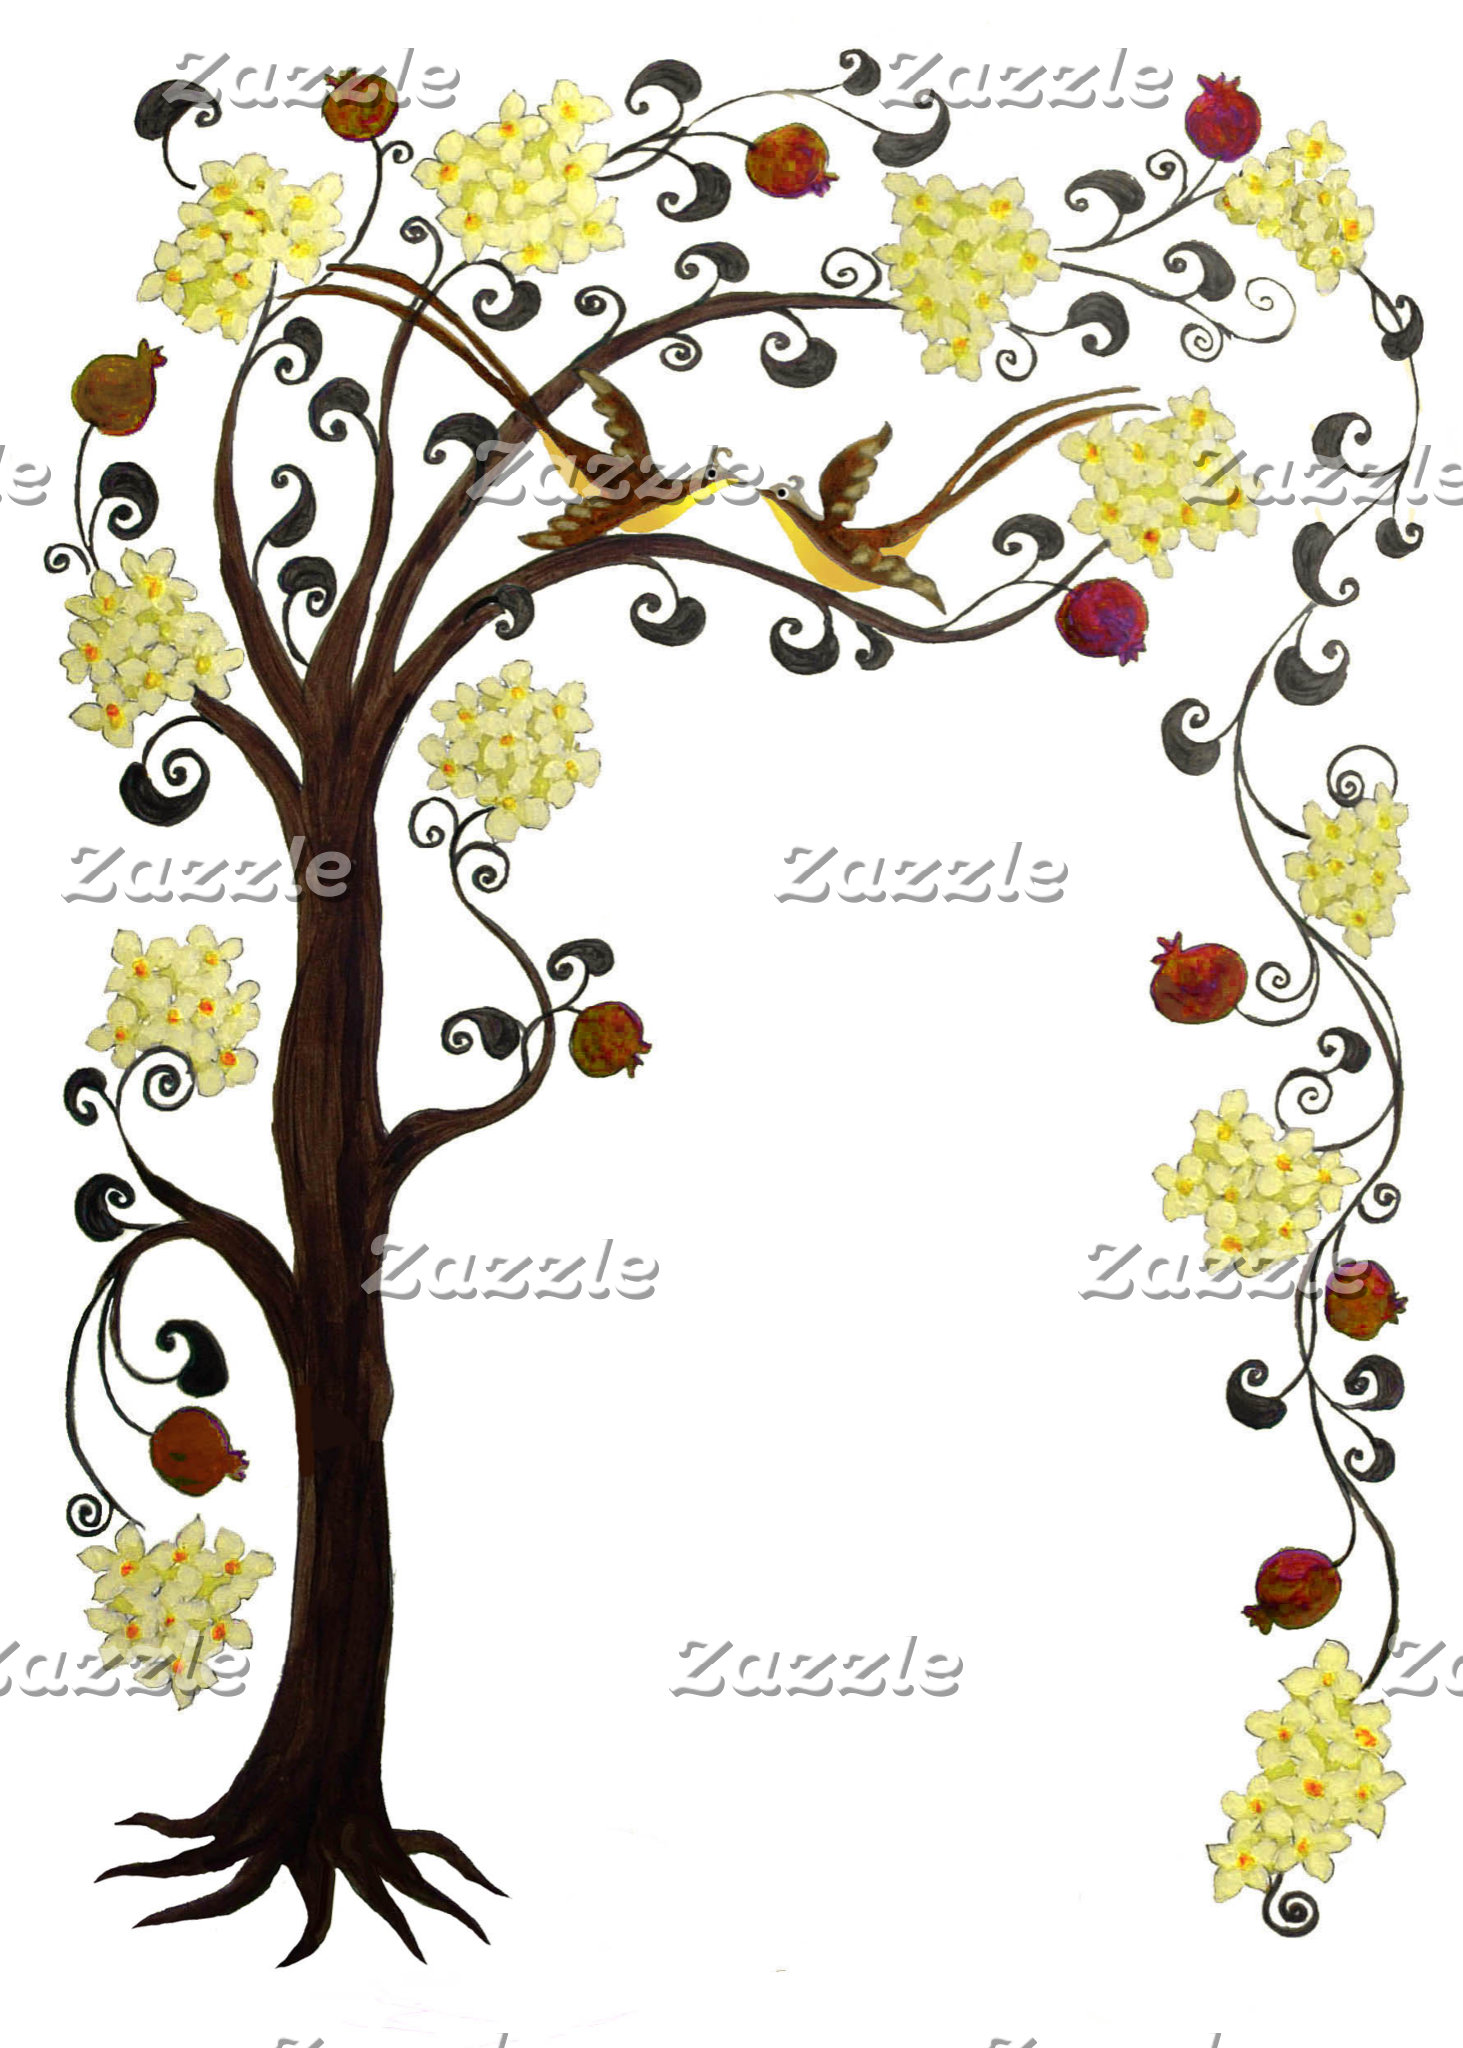 Tree of life, portrait